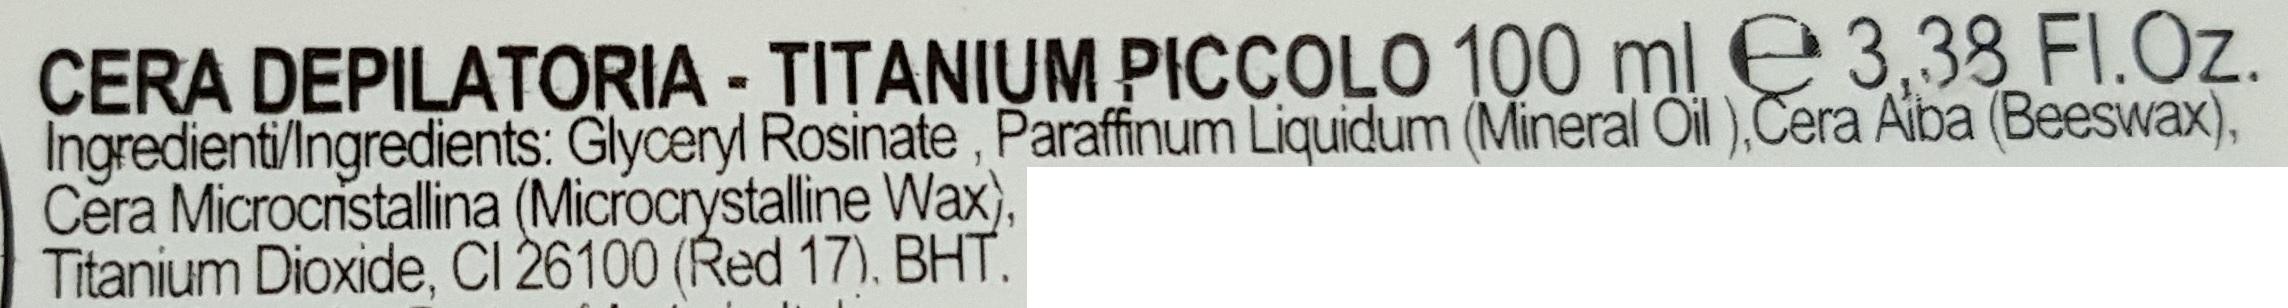 cera depilatoria titanium